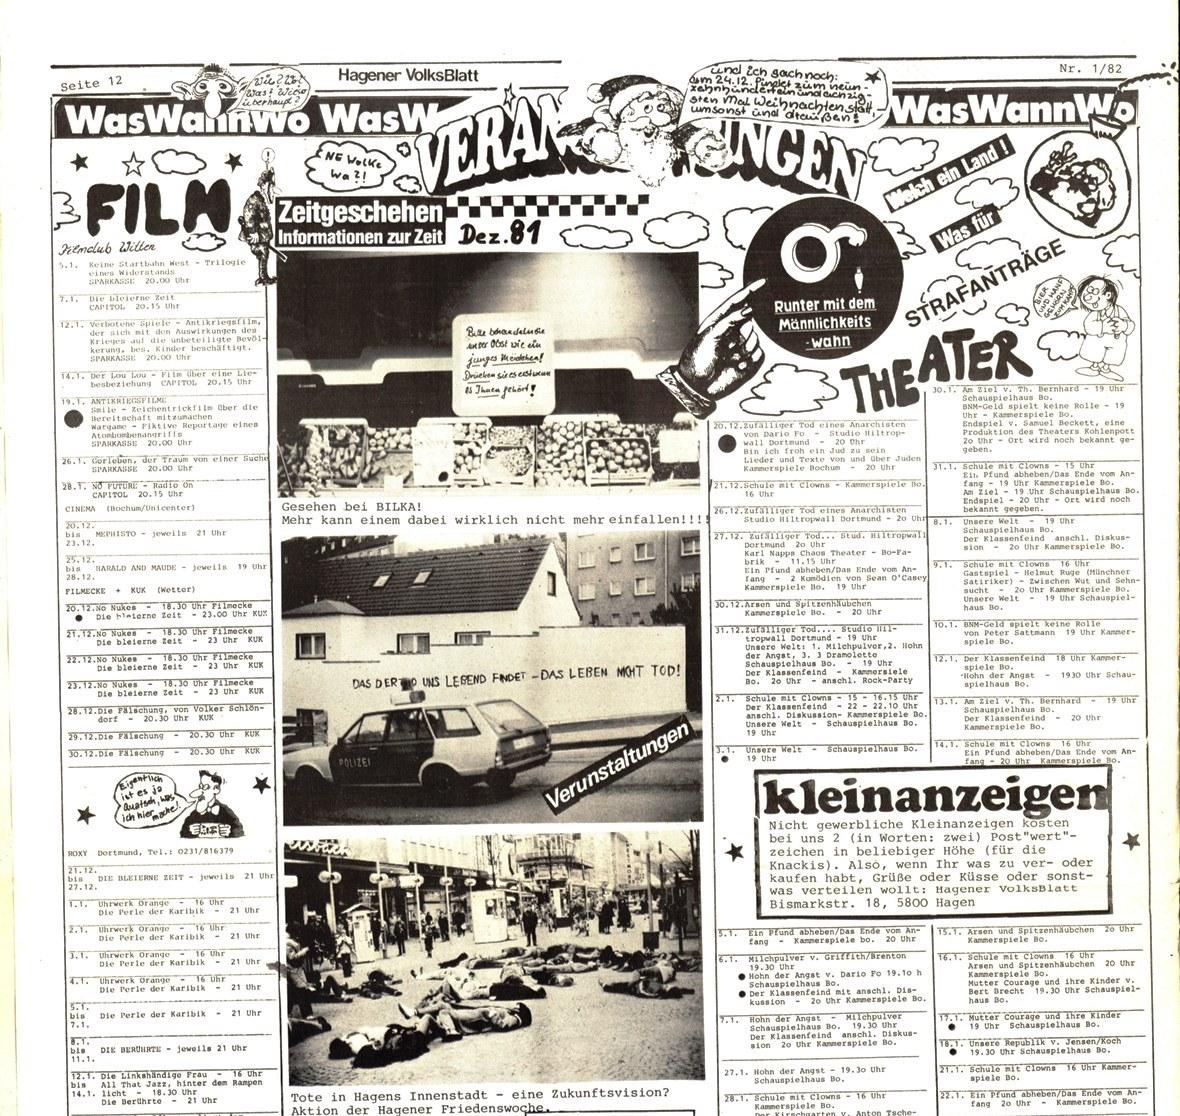 Hagen_Volksblatt_19820100_23